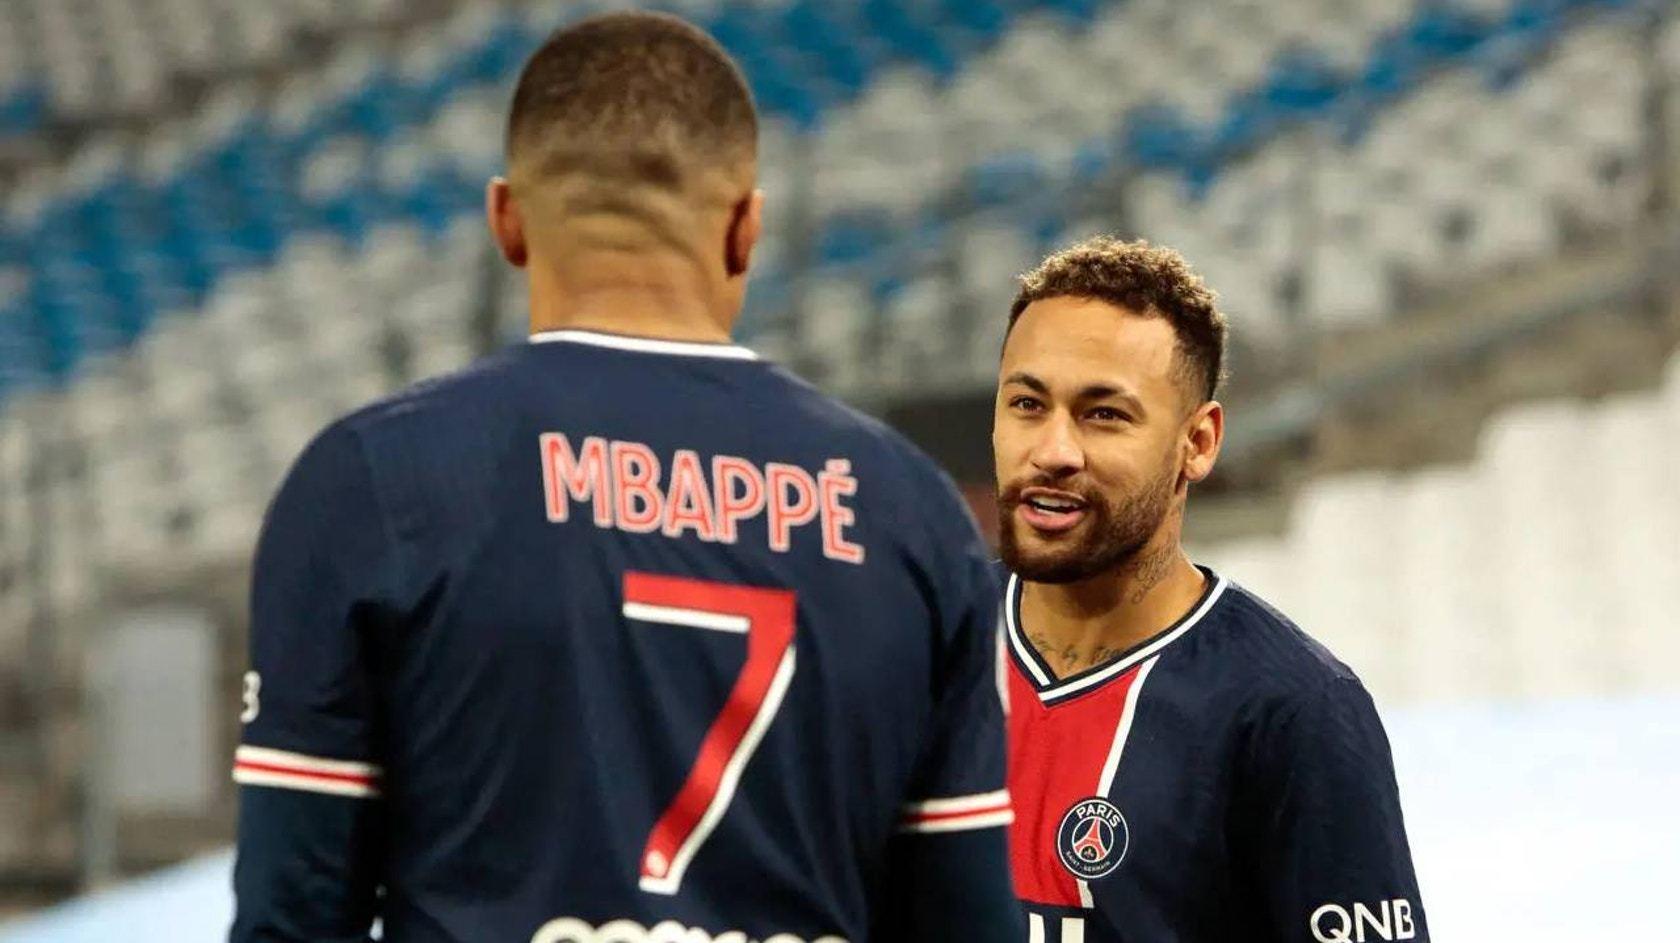 PSG đặt 'hạn chót' với Mbappe, lương 30 triệu euro/năm